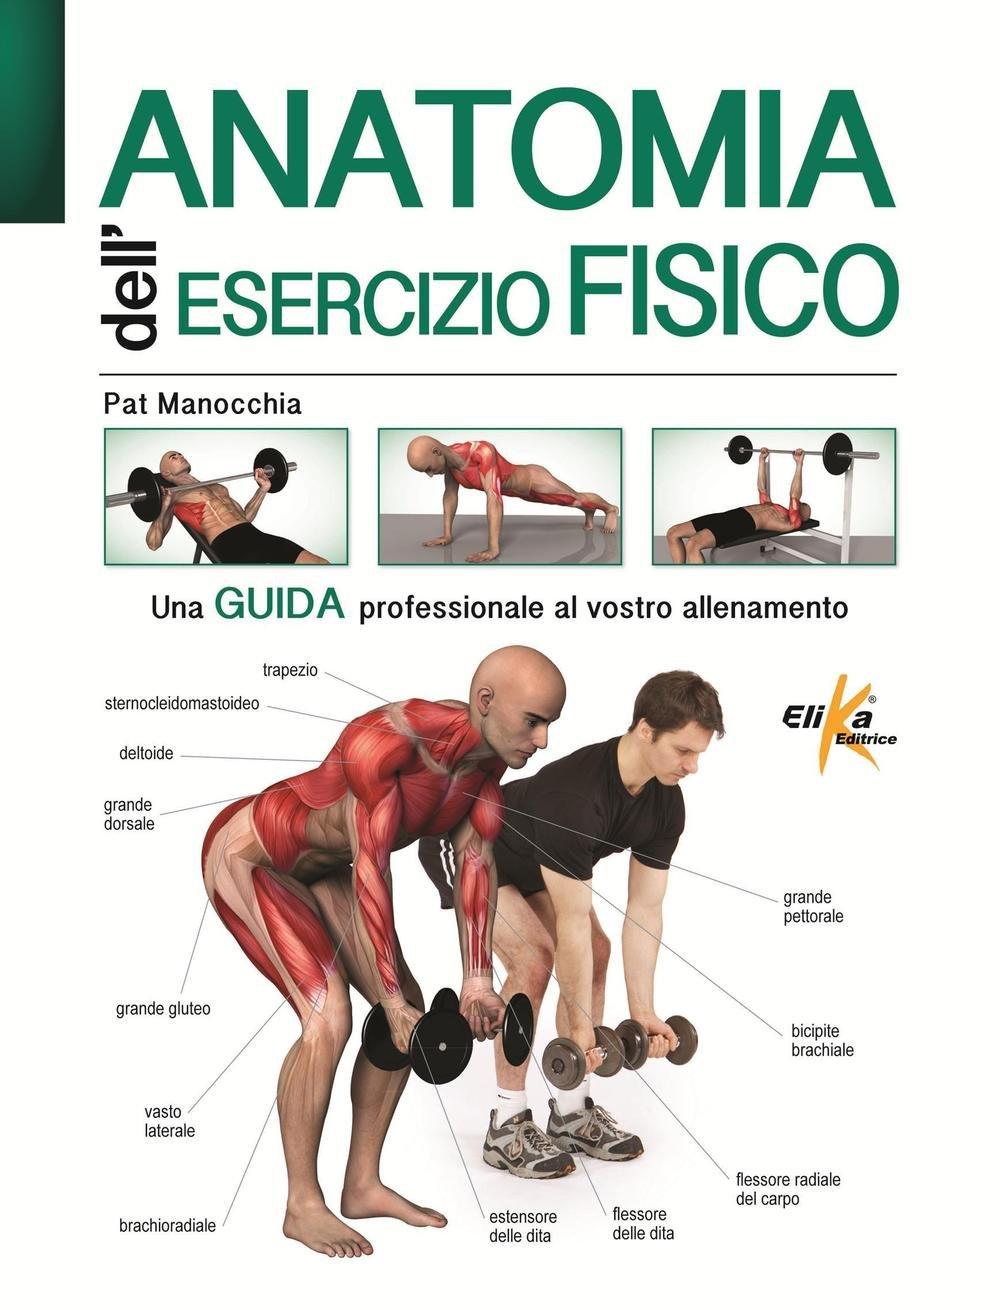 Anatomia dell'esercizio fisico Copertina flessibile – 20 ott 2016 Pat Manocchia Elika 8898574371 Manuali